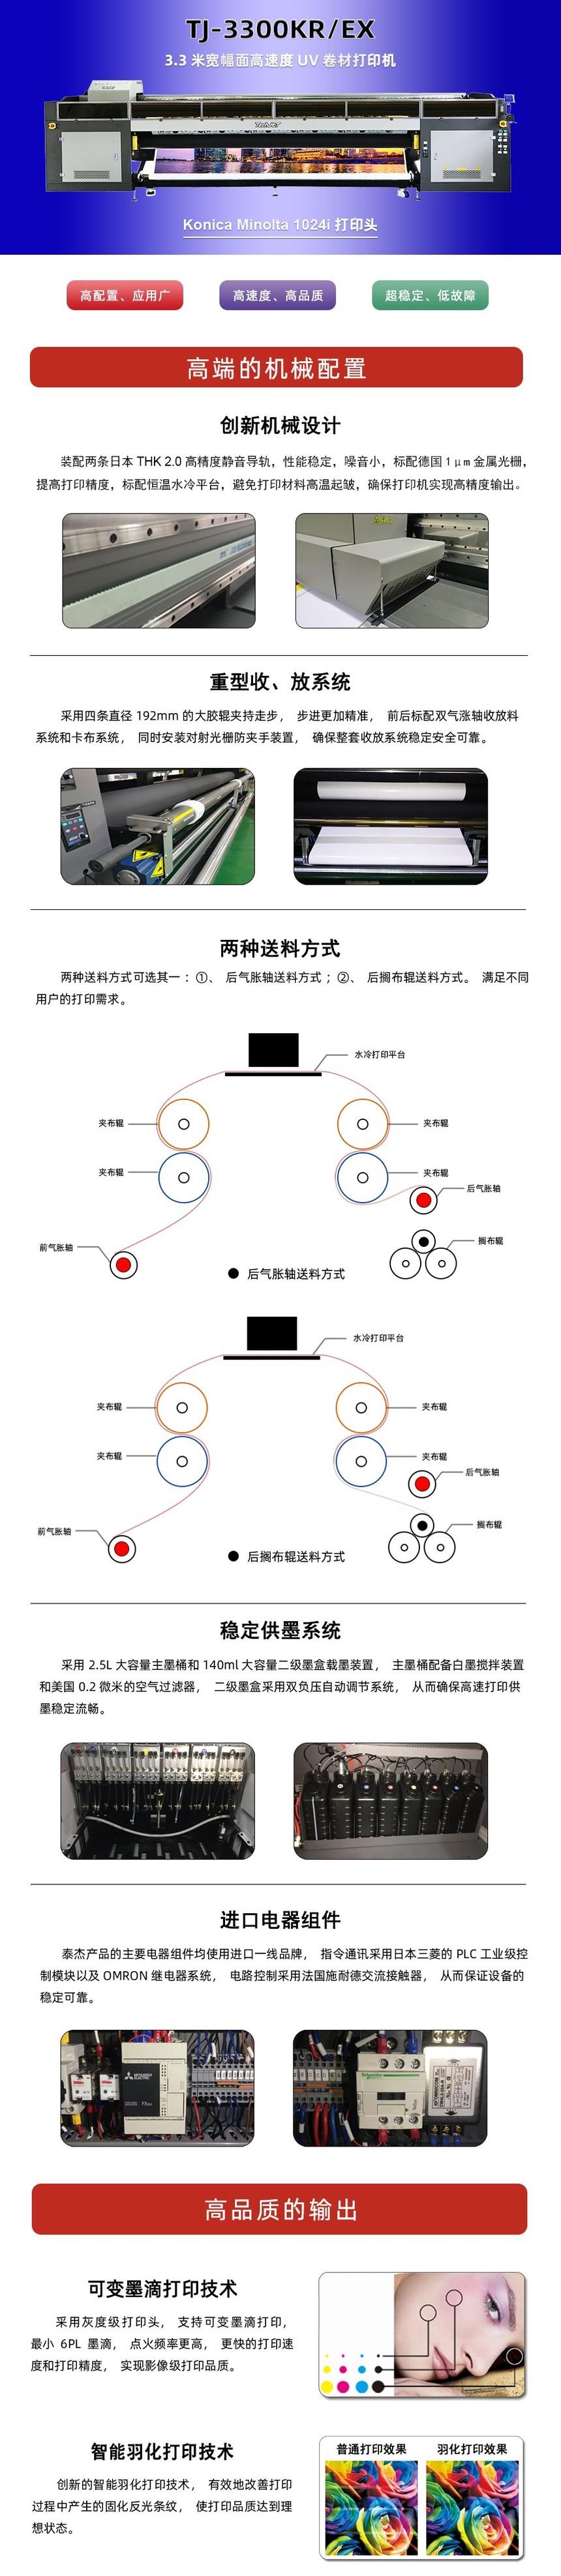 TJ-3300KREX中文产品说明(1).jpg